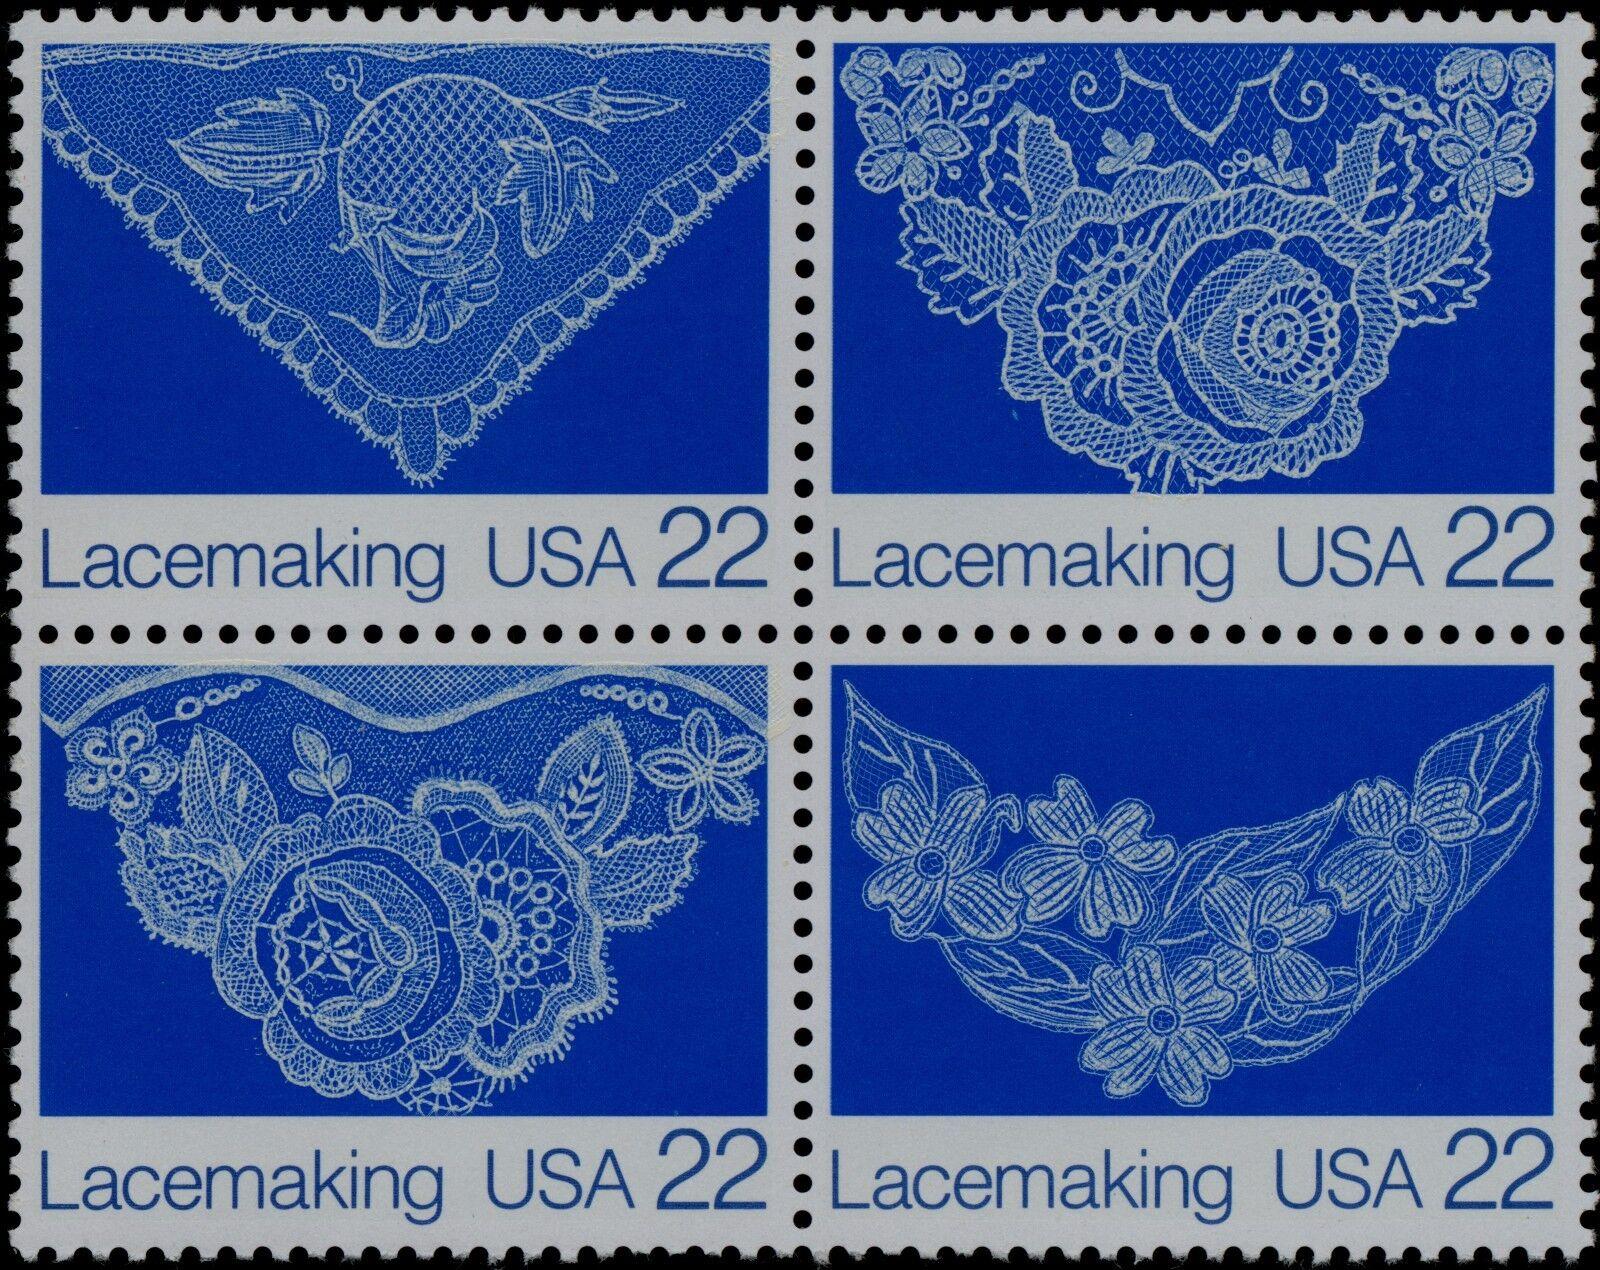 1987 22c Lacemaking, Block of 4 Scott 2351-54 Mint F/VF